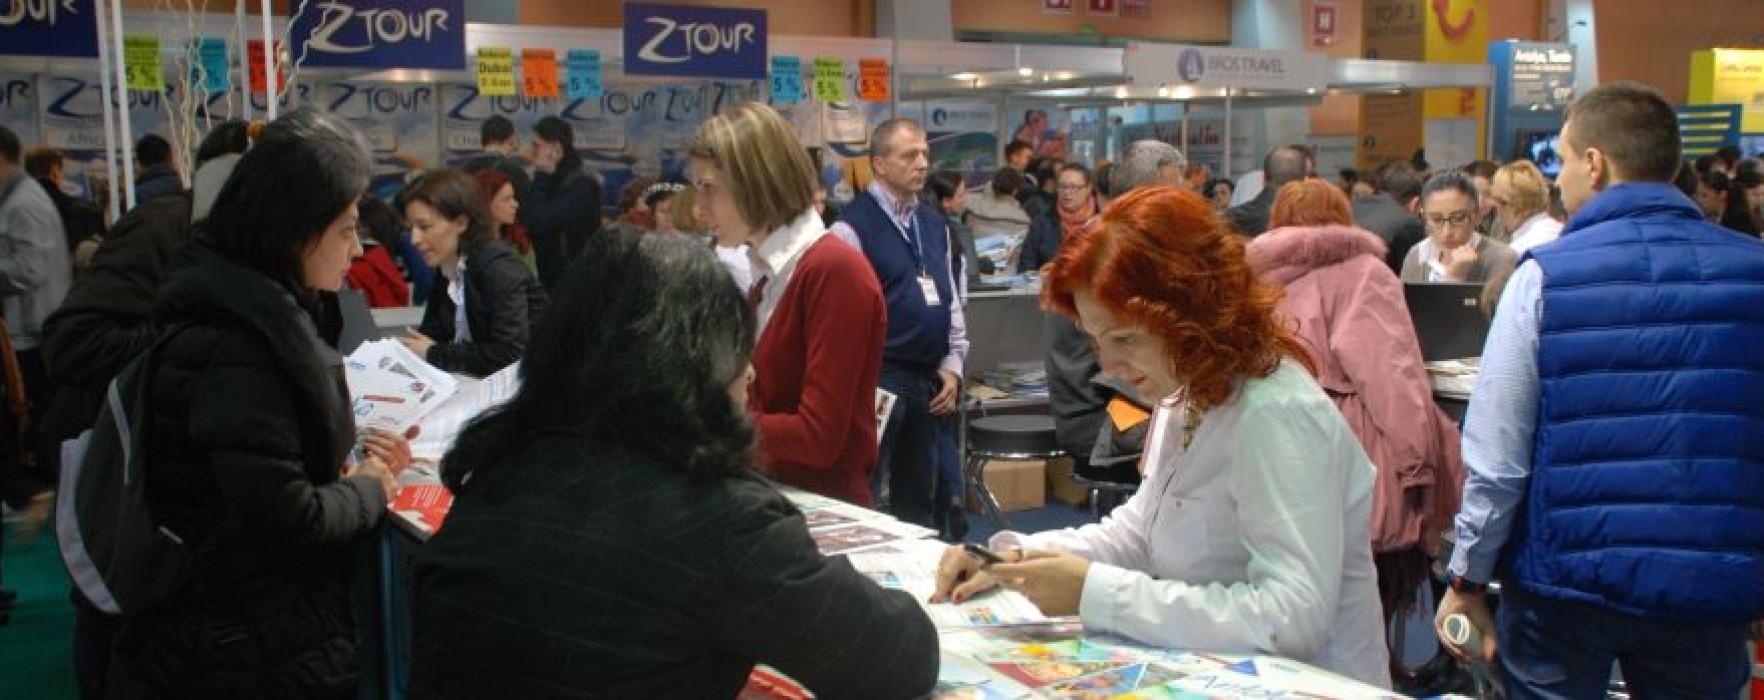 Complexul Muzeal Curtea Domnească, prezent la Târgul de turism al României